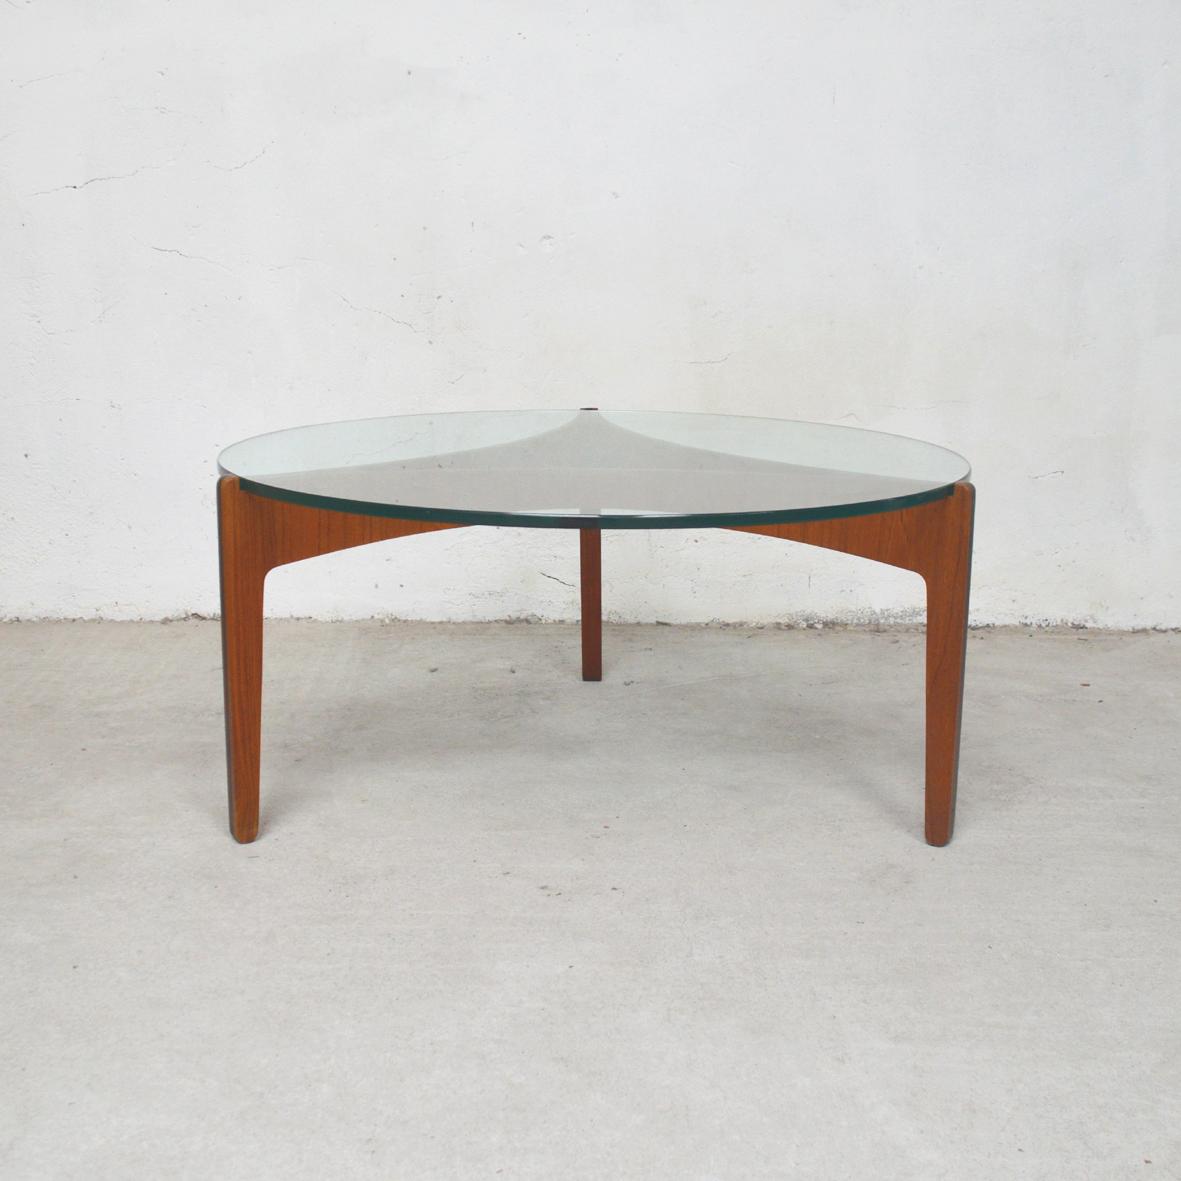 Table Tianggê Verre Basse Danoise Teck exrCBdo